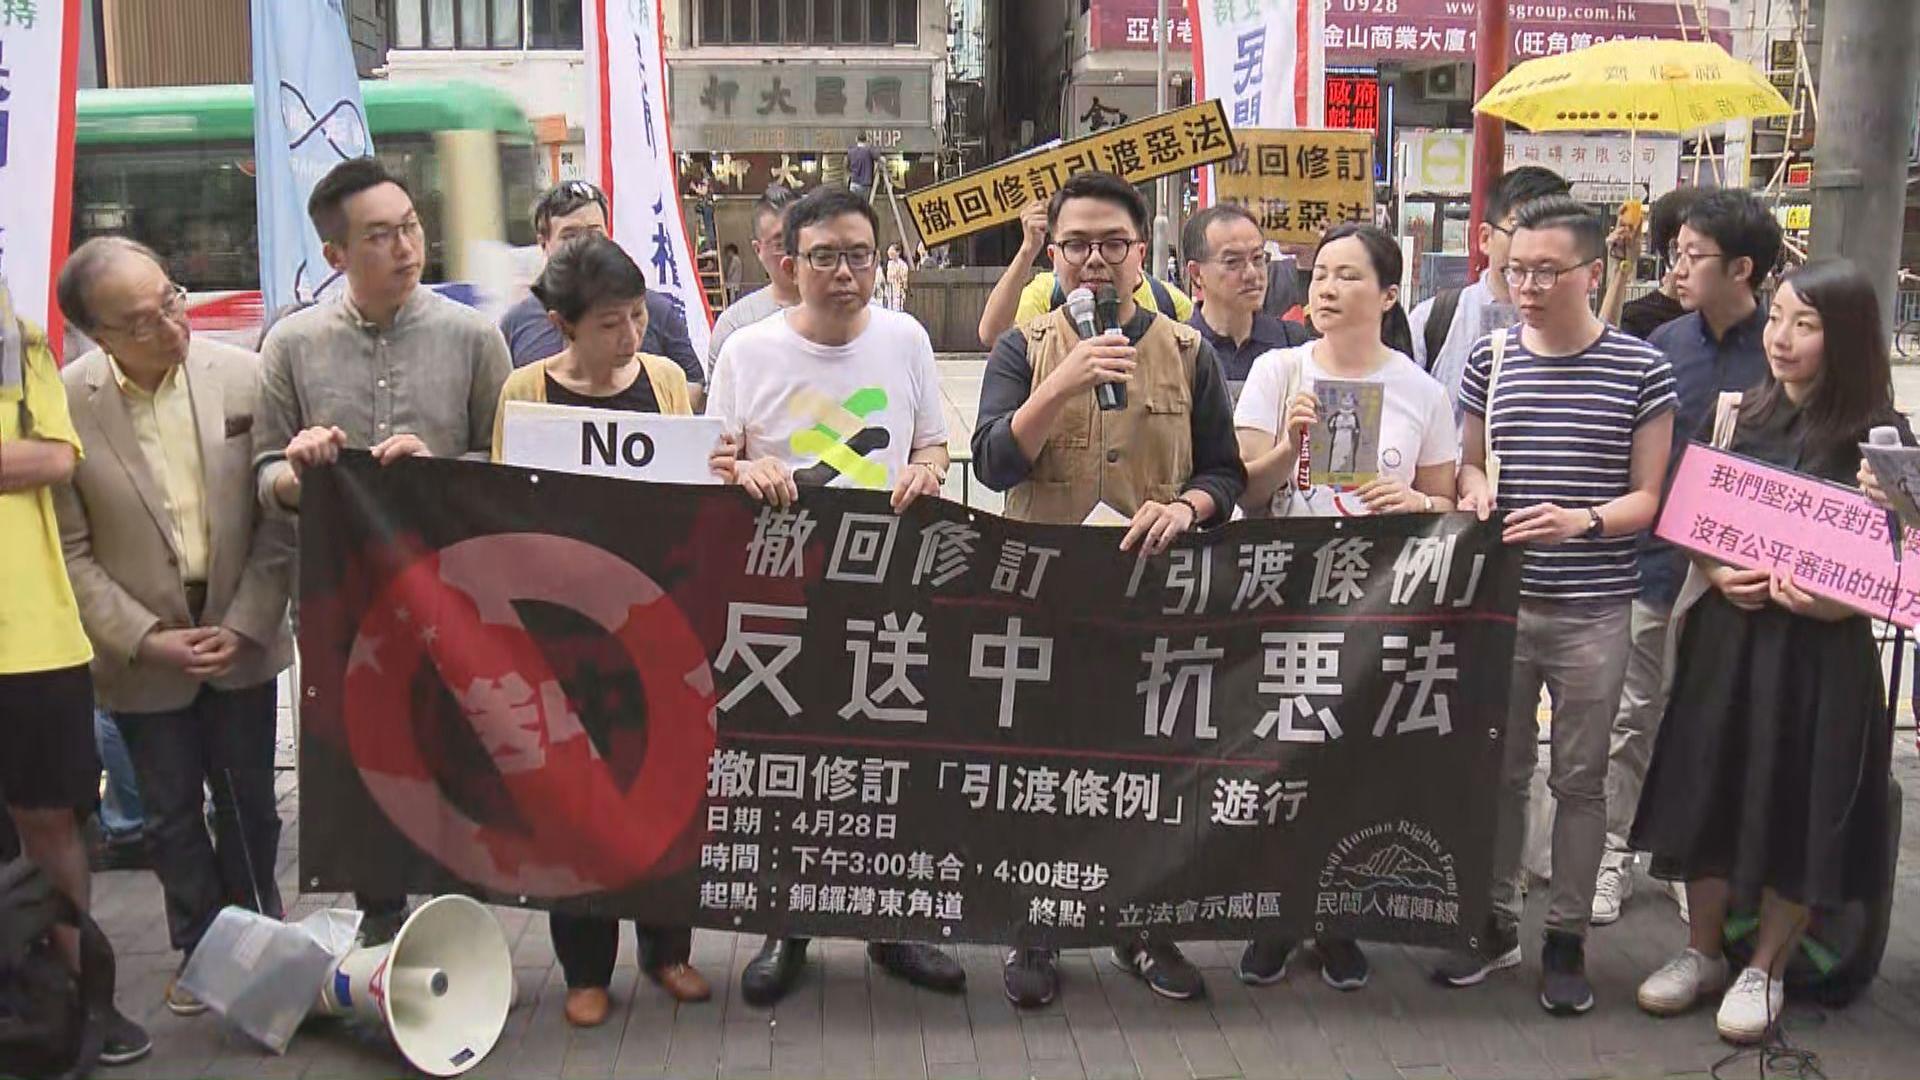 民陣號召周日遊行反對修訂逃犯修例